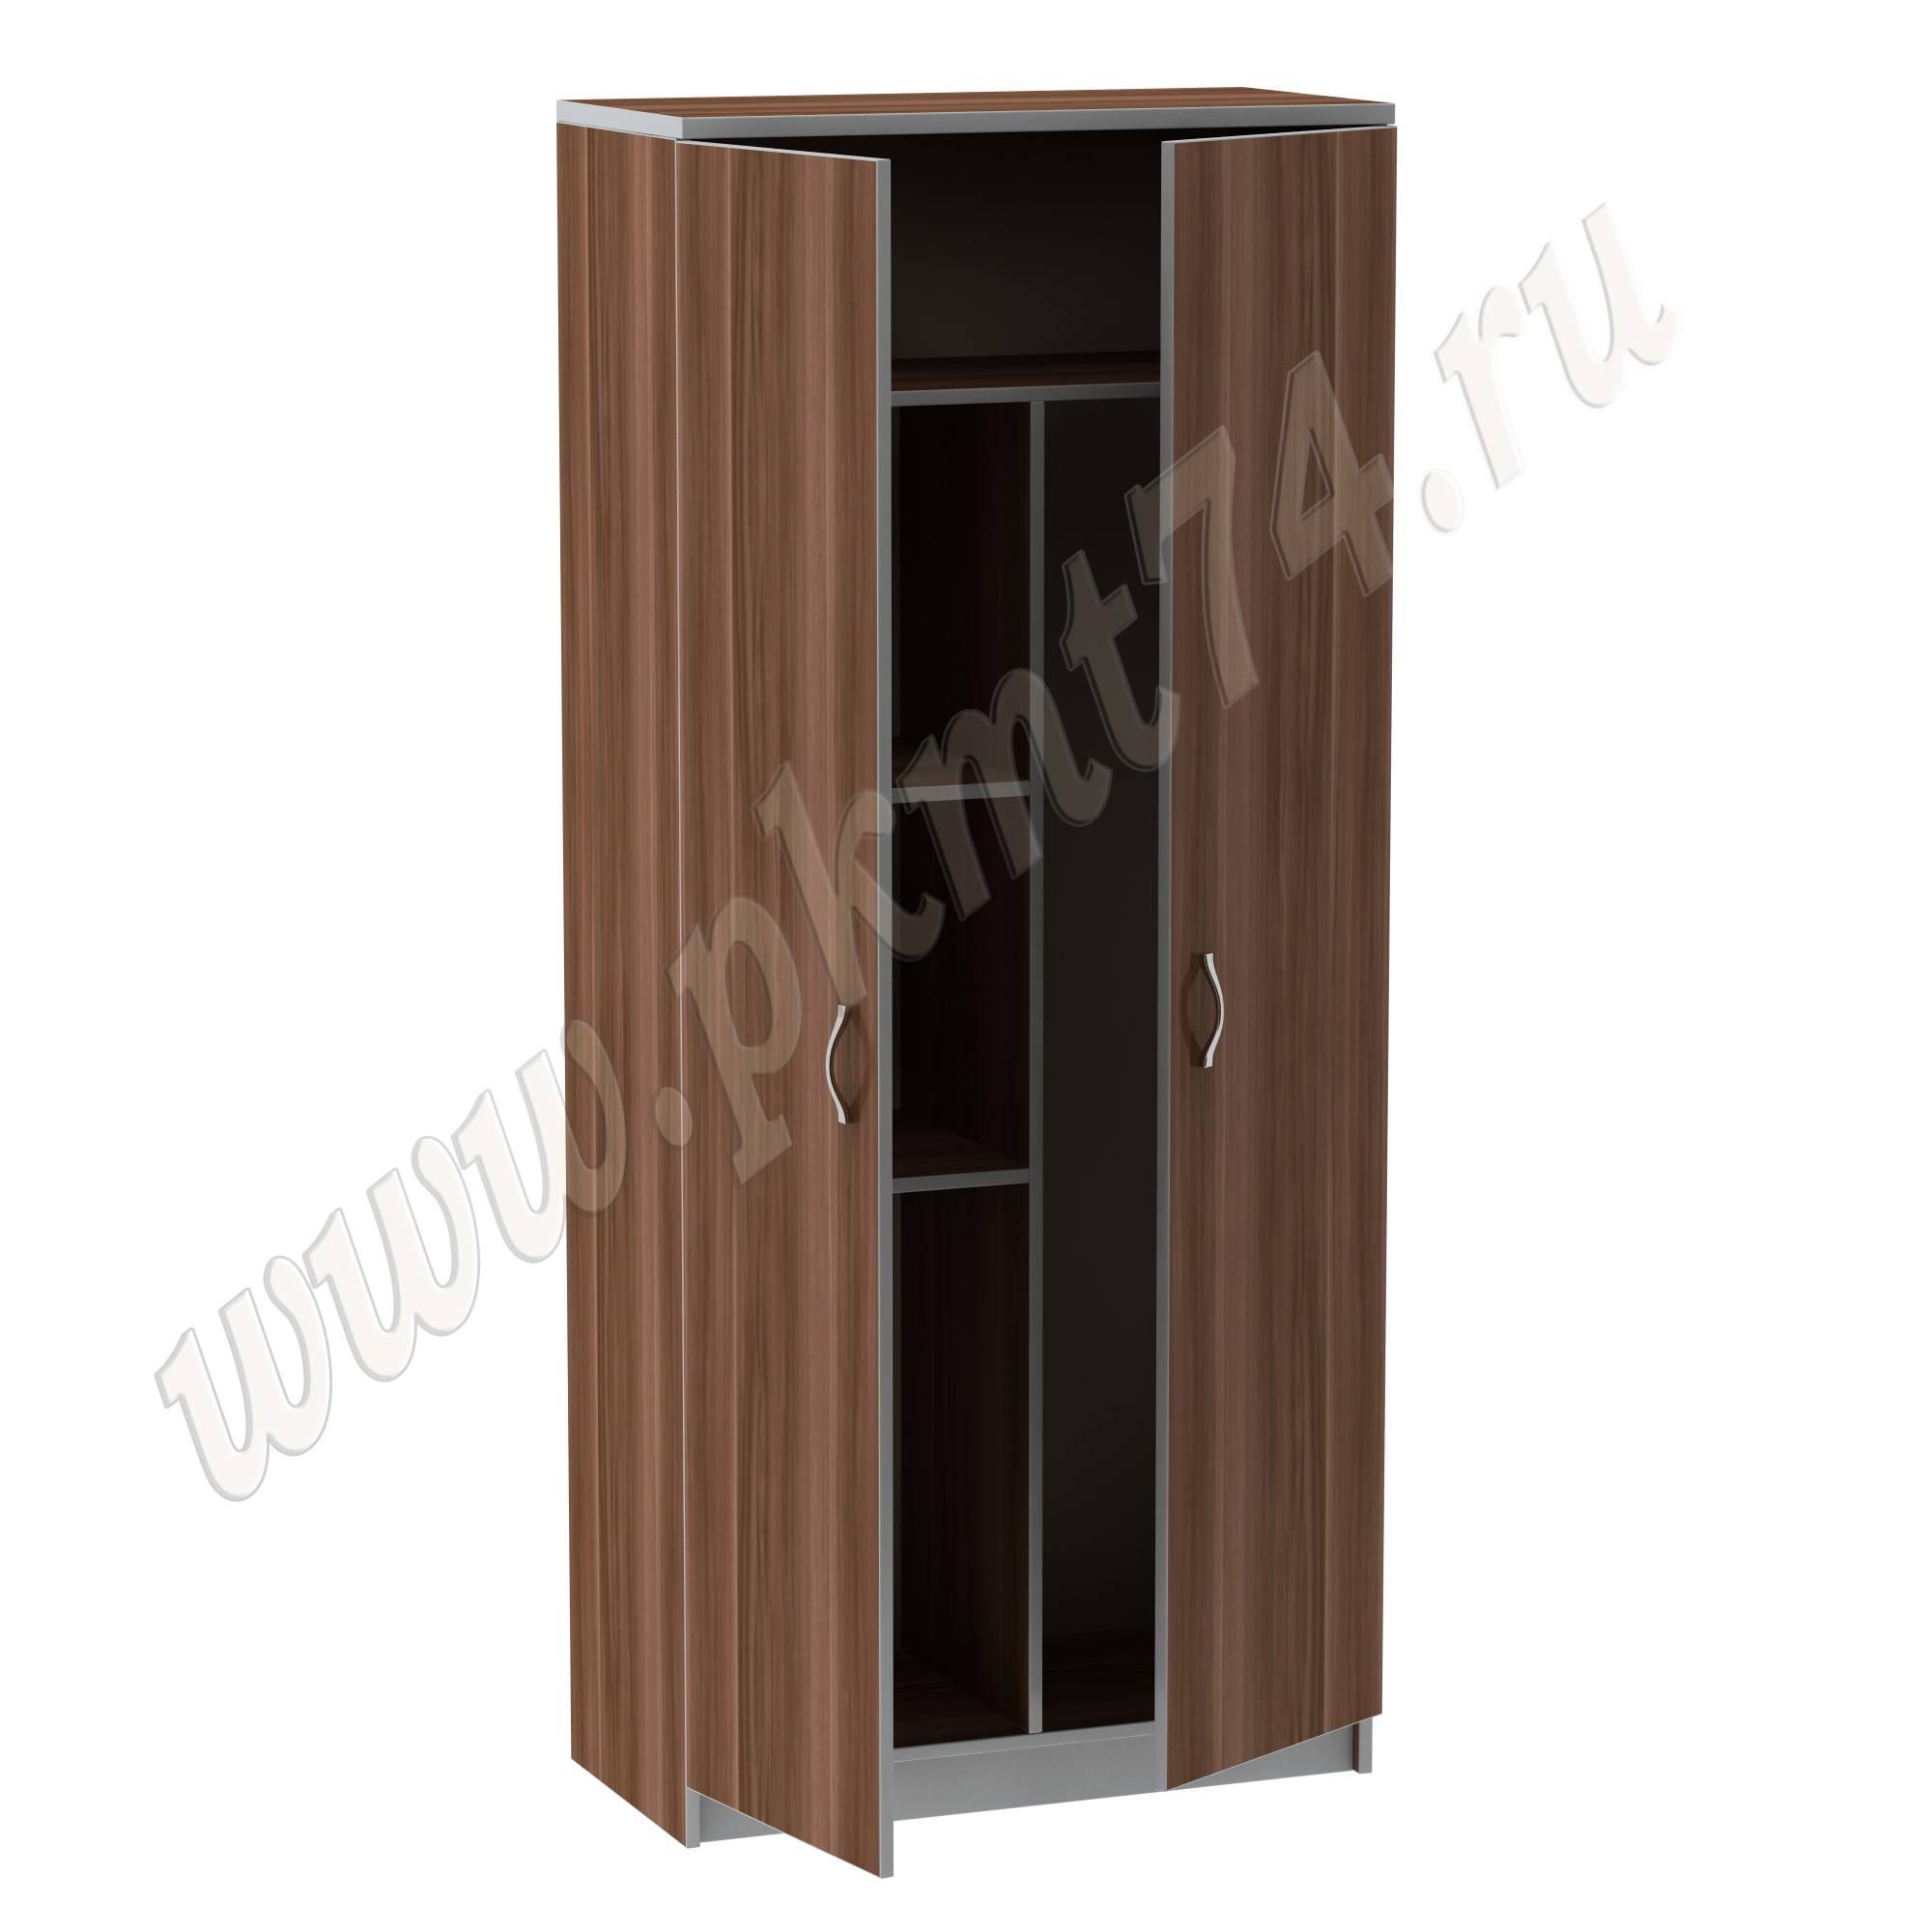 Шкаф для хозяйственных принадлежностей MT 14-11 Слива-Алюминий